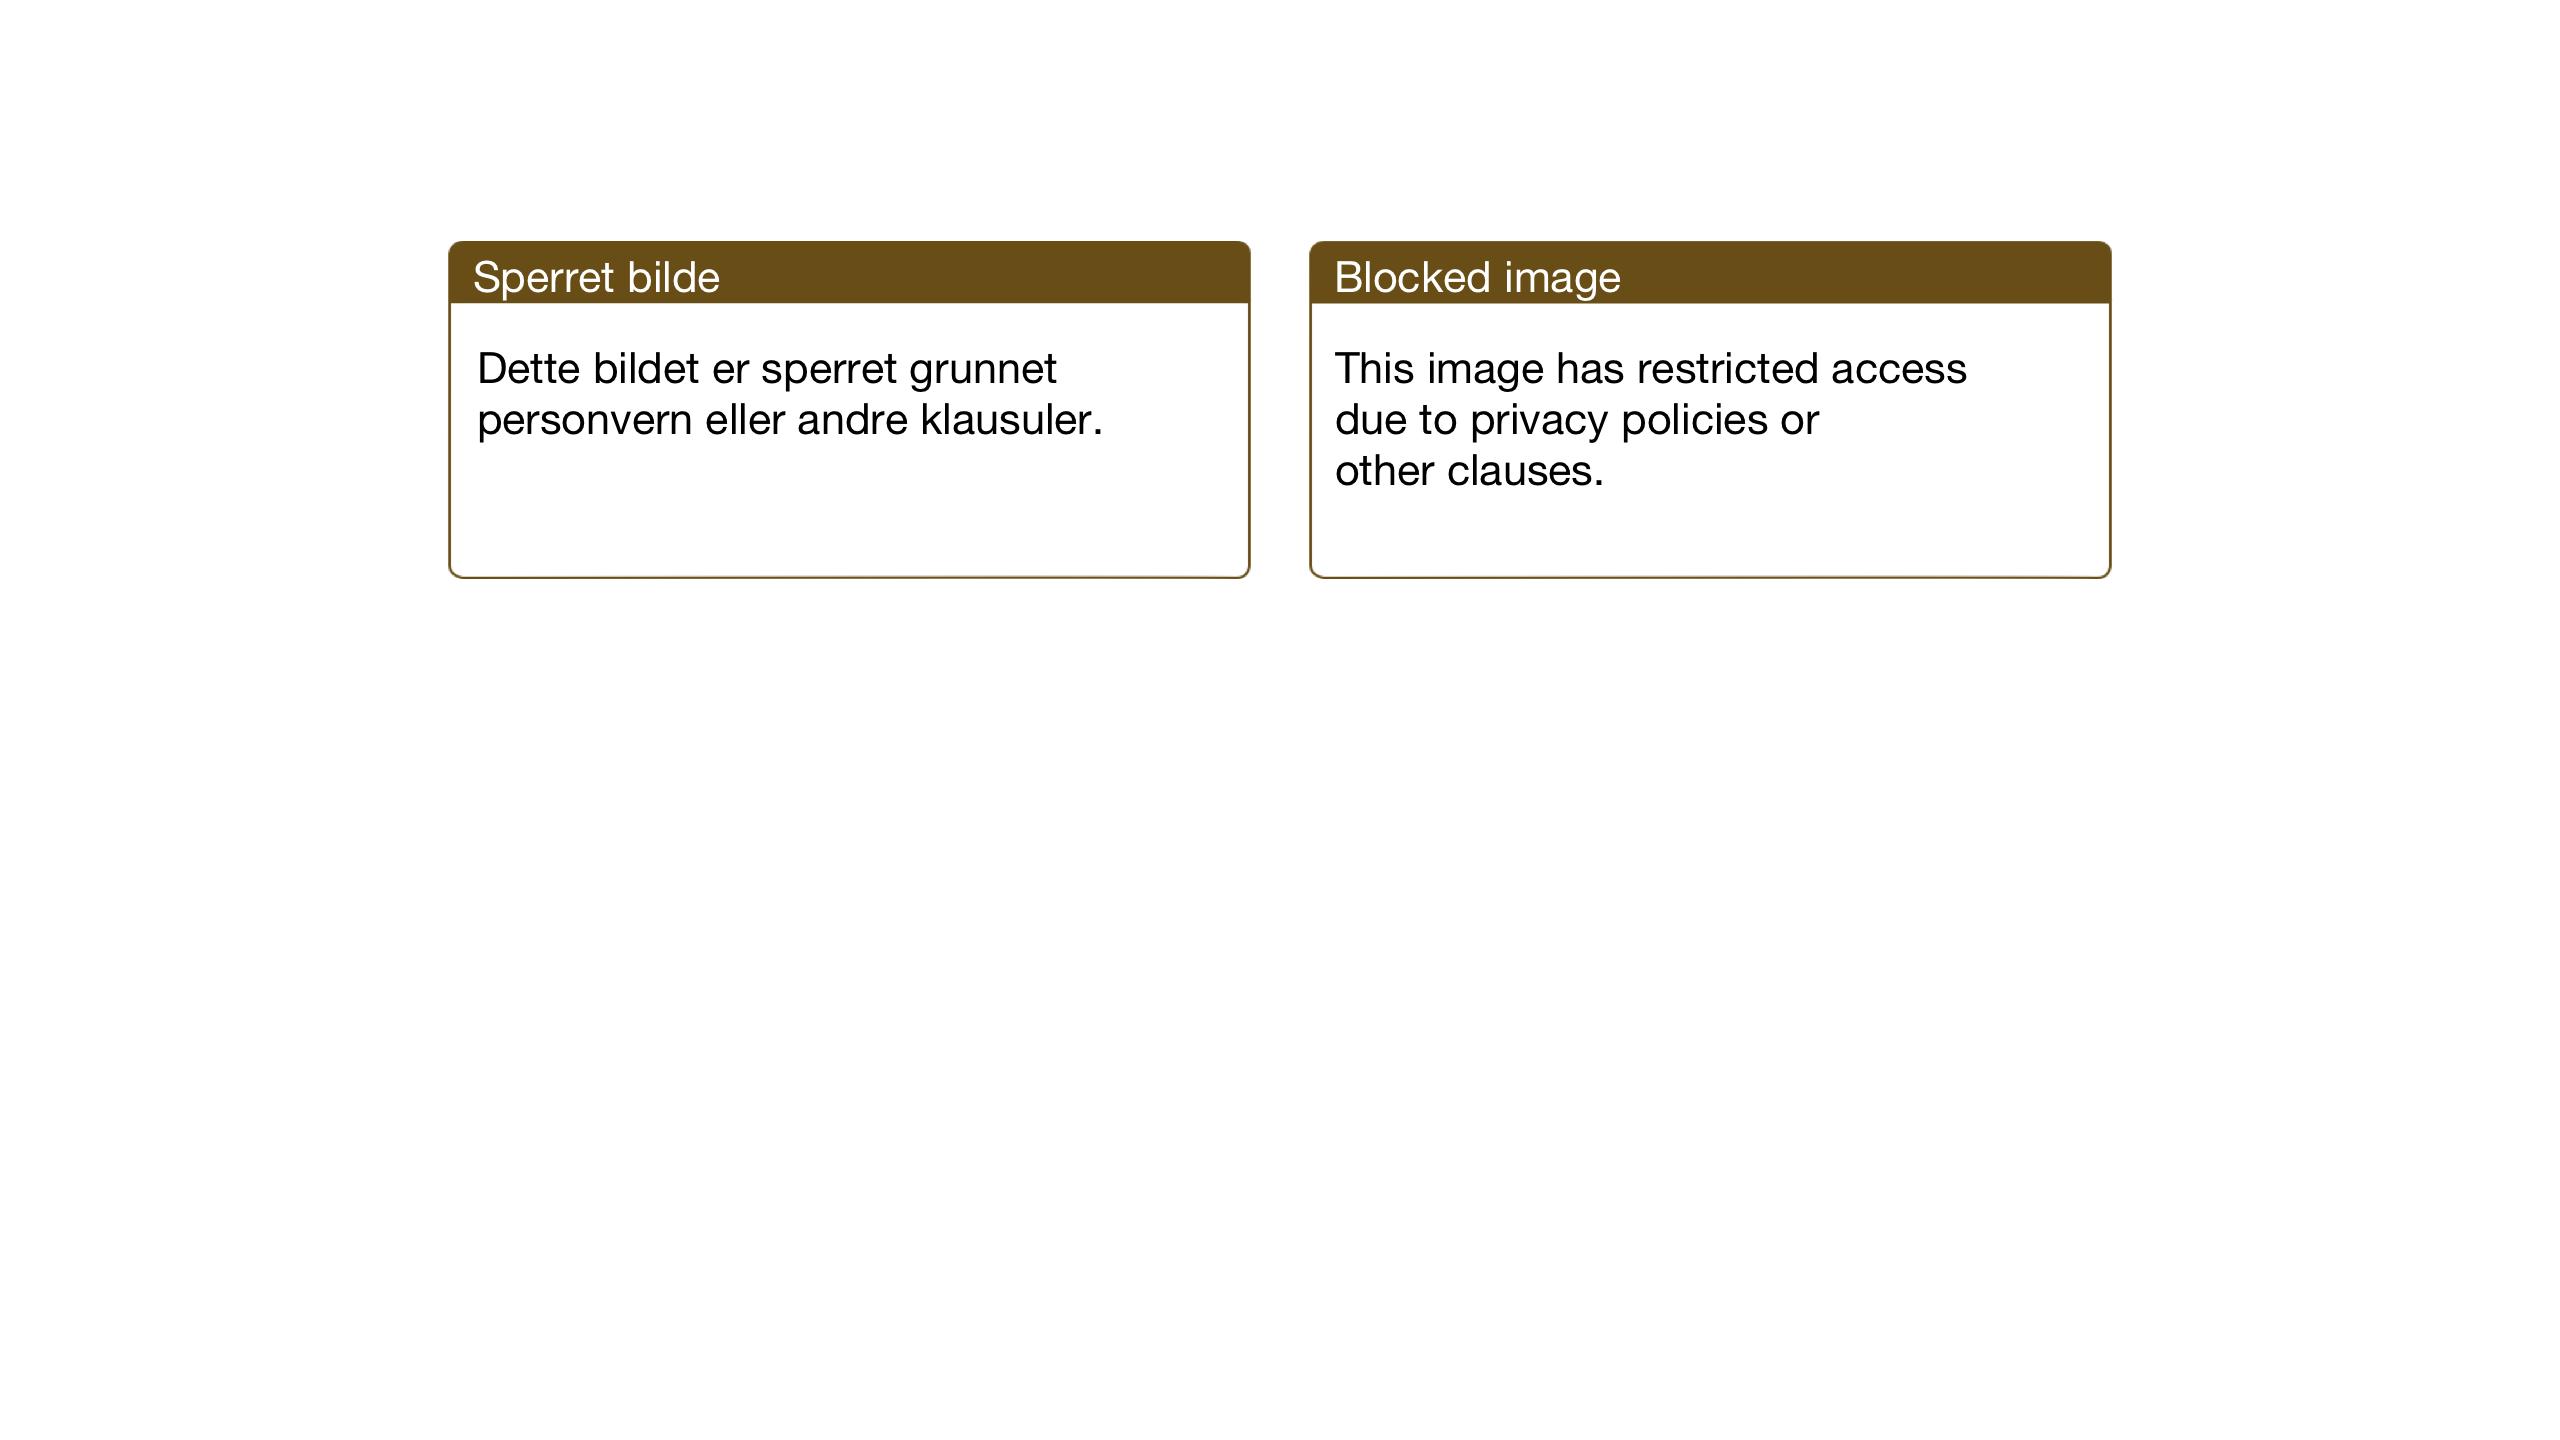 SAT, Ministerialprotokoller, klokkerbøker og fødselsregistre - Sør-Trøndelag, 658/L0727: Klokkerbok nr. 658C03, 1909-1935, s. 85